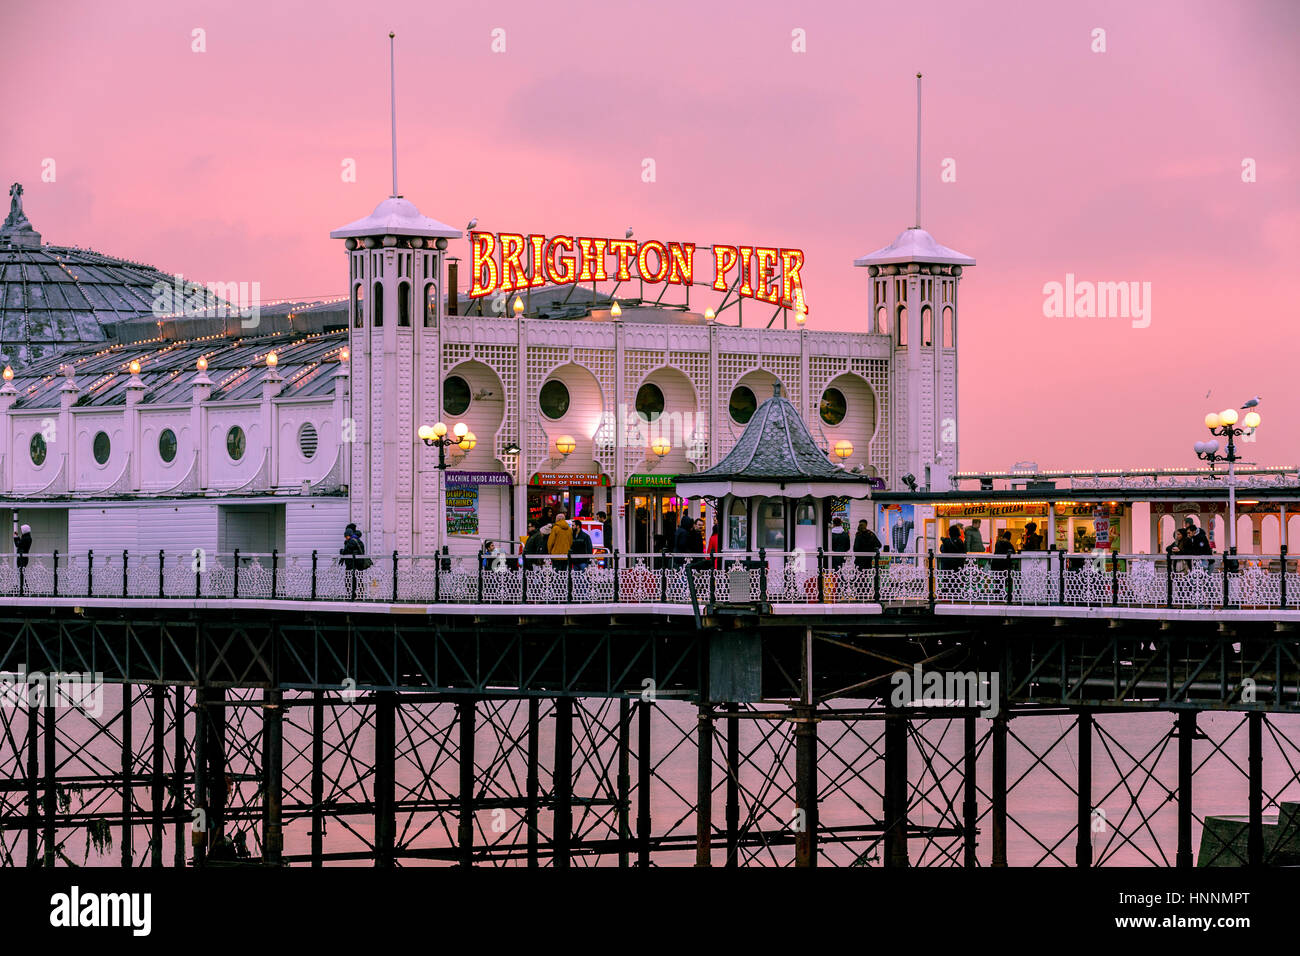 Magnifique coucher de soleil au crépuscule avec un ton rougeâtre chaleureux à Brighton Pier, Brighton, Engalnd, Banque D'Images